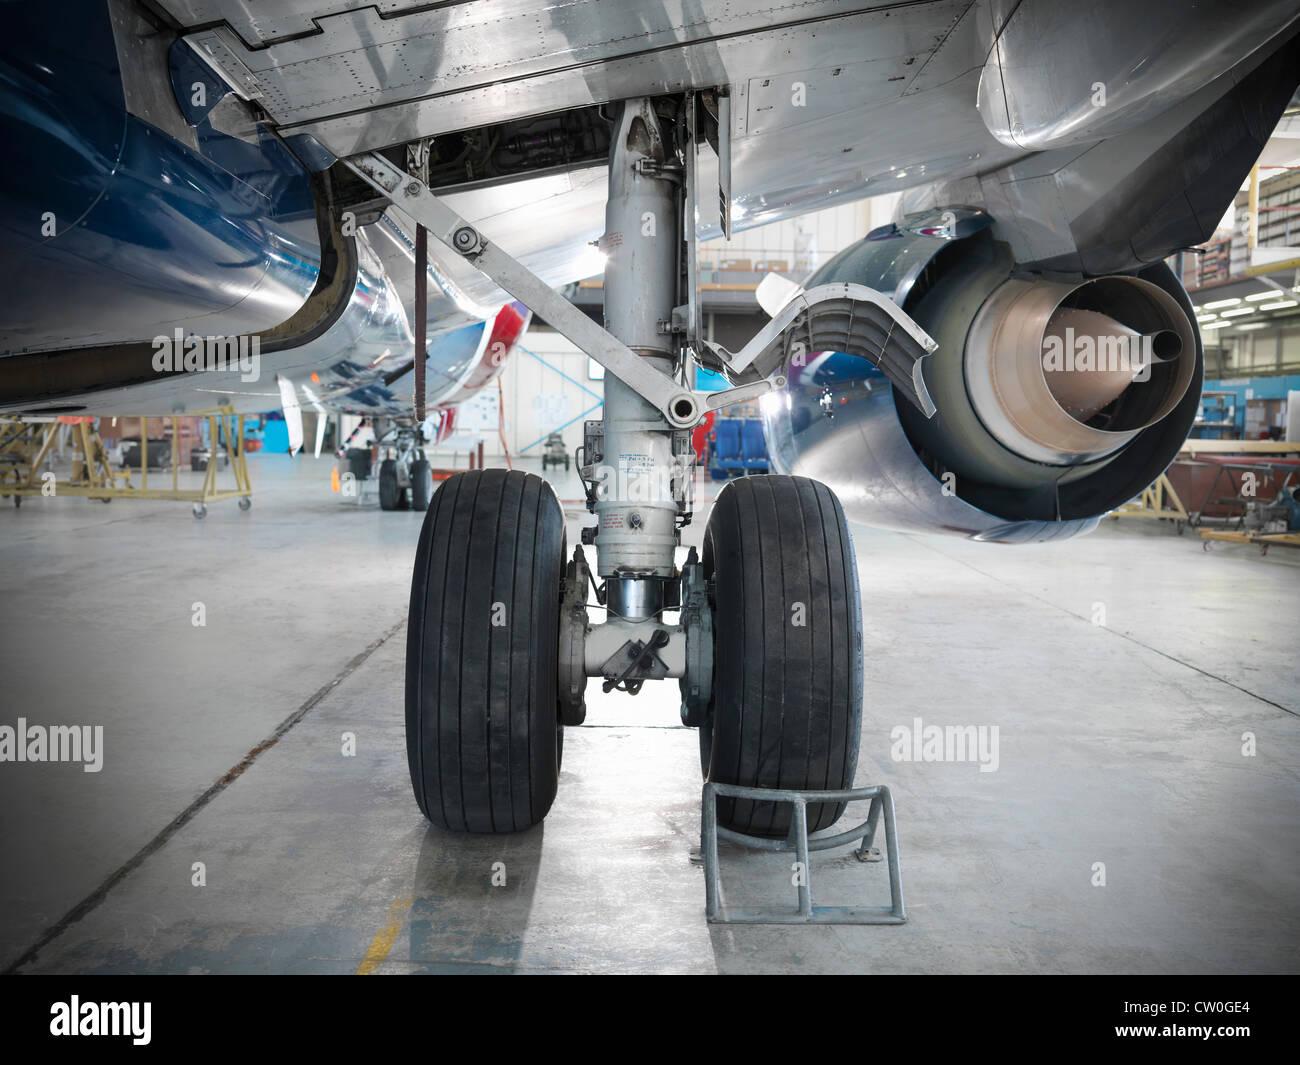 Cerca de las ruedas del avión en el hangar Imagen De Stock